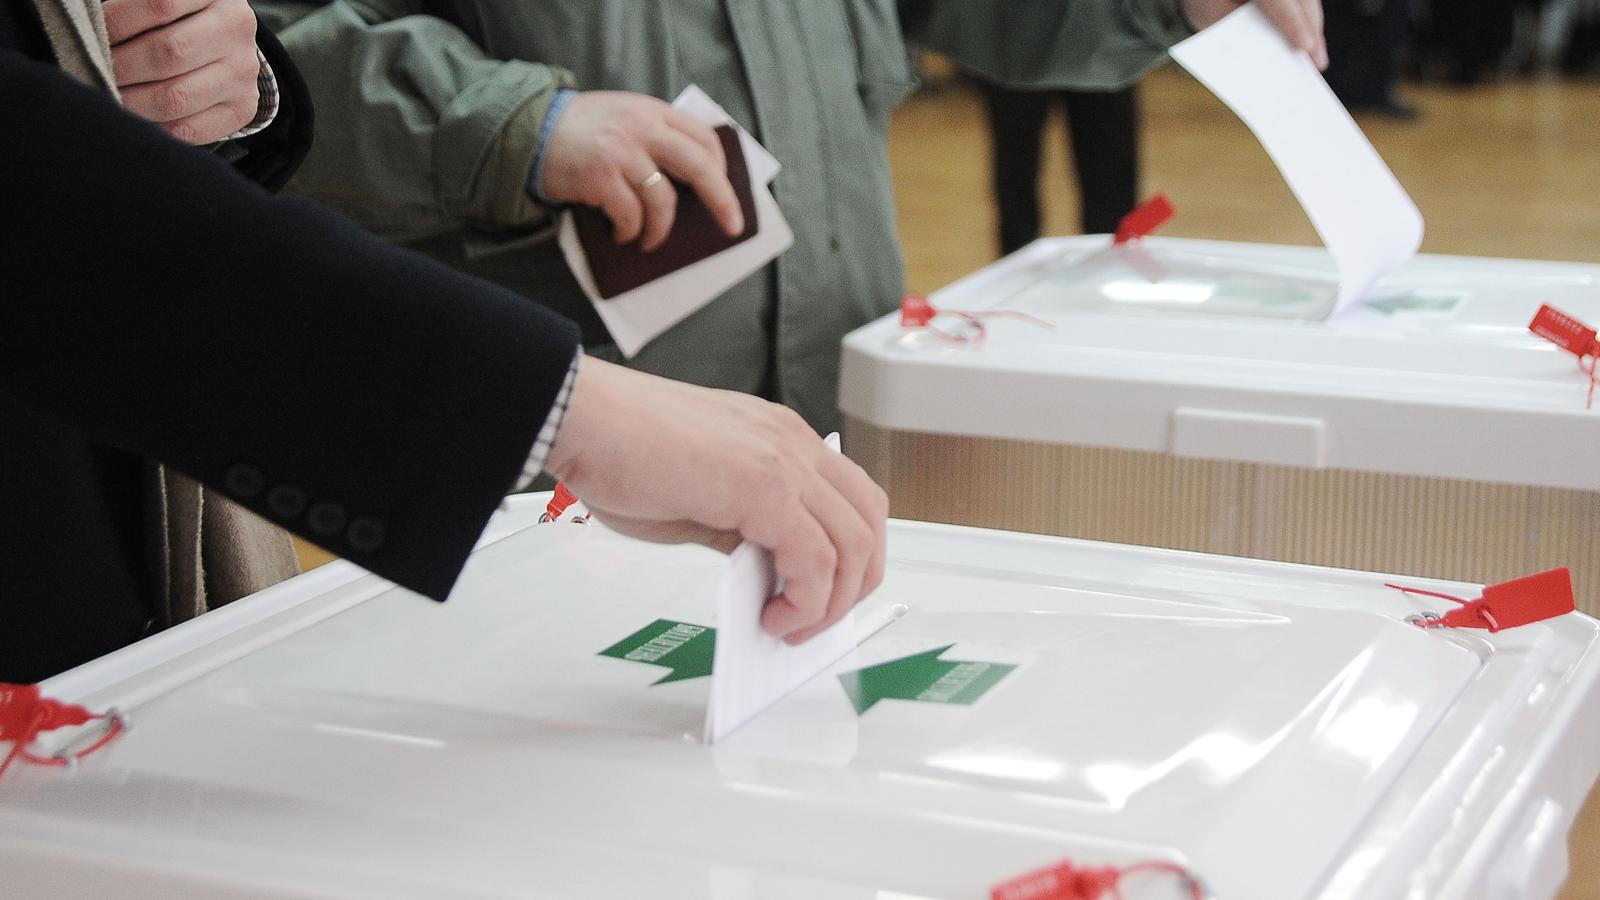 10 сентября в Вологде состоятся дополнительные выборы в городскую Думу